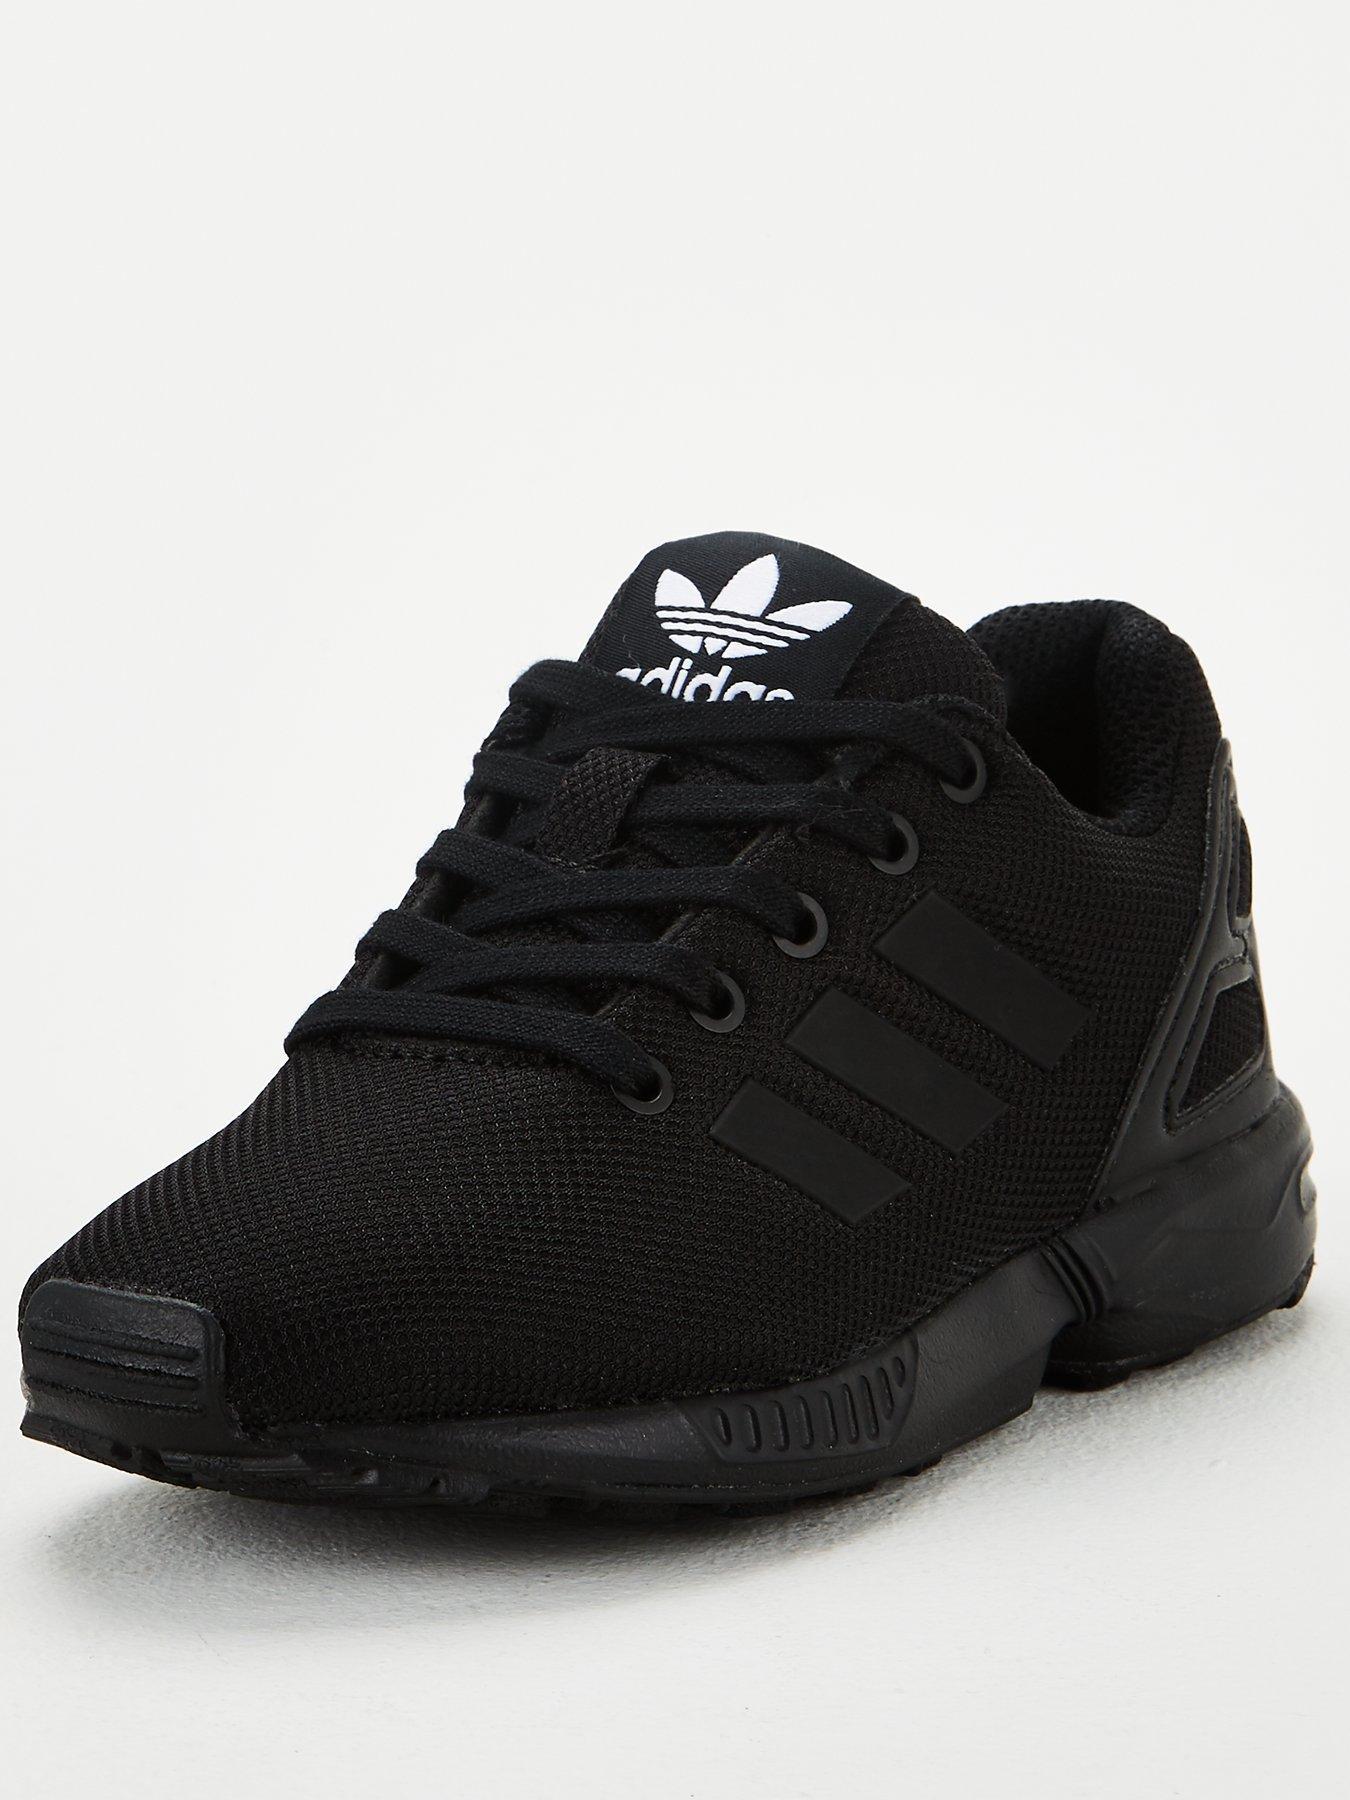 boys adidas trainers sale off 75% - www.usushimd.com